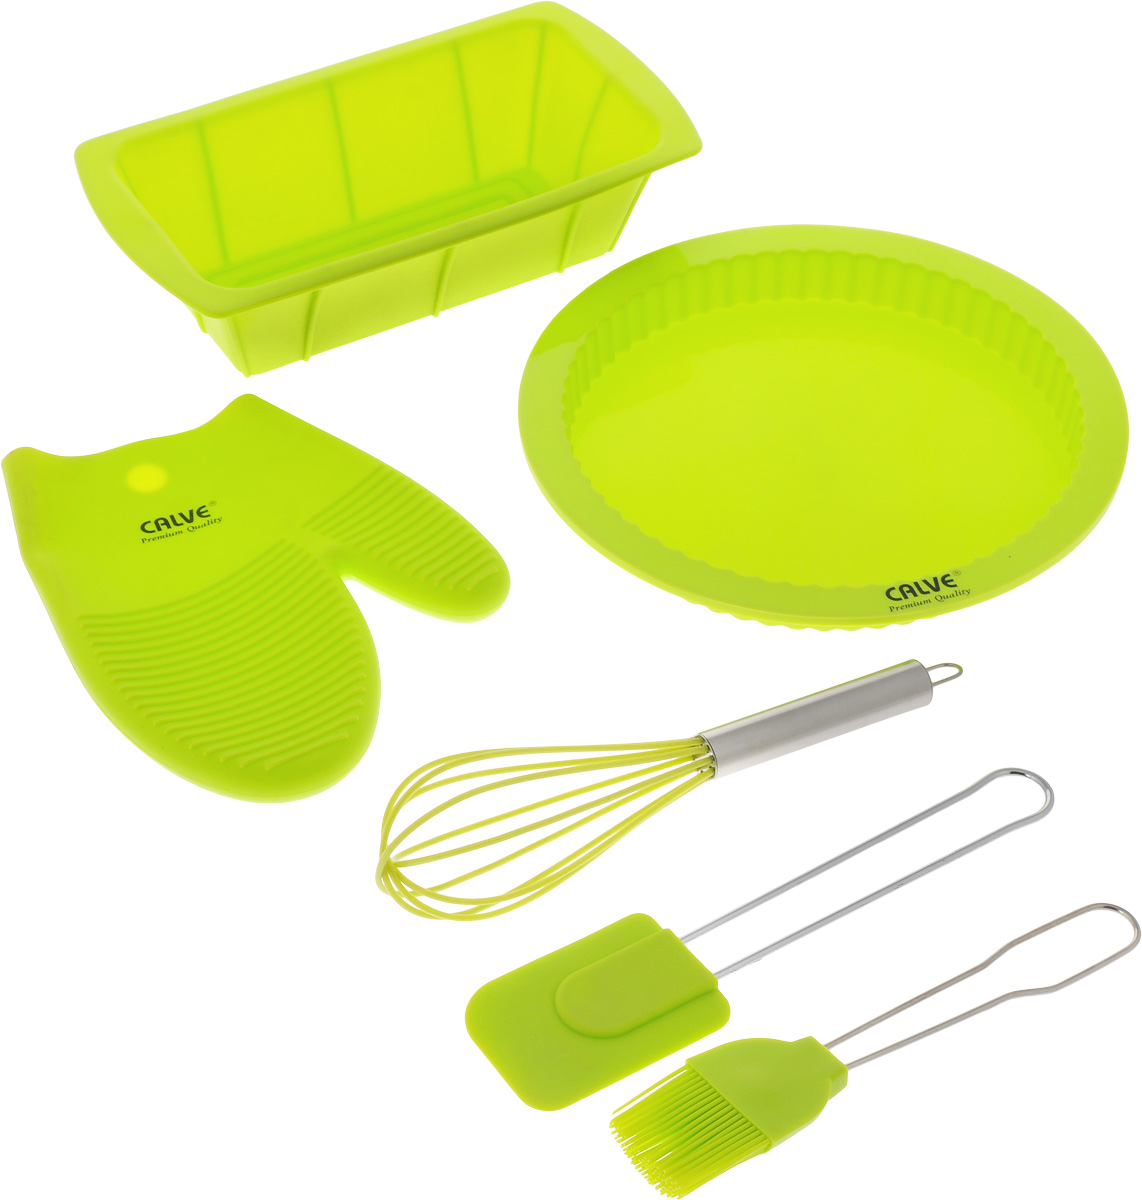 Набор для выпечки Calve, цвет: салатовый, 6 предметов391602Набор для выпечки Calve состоит из формы для пирога, формы для кекса, прихватки-варежки, венчика, лопатки и кисточки. Это самые востребованные приборы для приготовления выпечки. Все предметы набора выполнены из высококачественного и термостойкого силикона. Ручки лопатки, кисточки и венчика выполнены из нержавеющей стали. Изделия безопасны для посуды с антипригарным и керамическим покрытием. Формы для выпечки можно использовать в духовых шкафах и микроволновых печах, морозильных камерах и мыть в посудомоечной машине.Набор для выпечки Calve станет отличным дополнением к коллекции ваших кухонных аксессуаров. Размер формы для кекса: 26 х 14 х 6,5 см.Диаметр формы для пирога: 25,5 см. Размер рабочей поверхности лопатки: 8,5 х 6 х 1 см.Длина лопатки: 25 см.Длина ворса кисти: 4 см.Длина кисти: 21 см.Размер прихватки-варежки: 22 х 17 х 2 см. Размер венчика: 7 х 7 х 25 см.